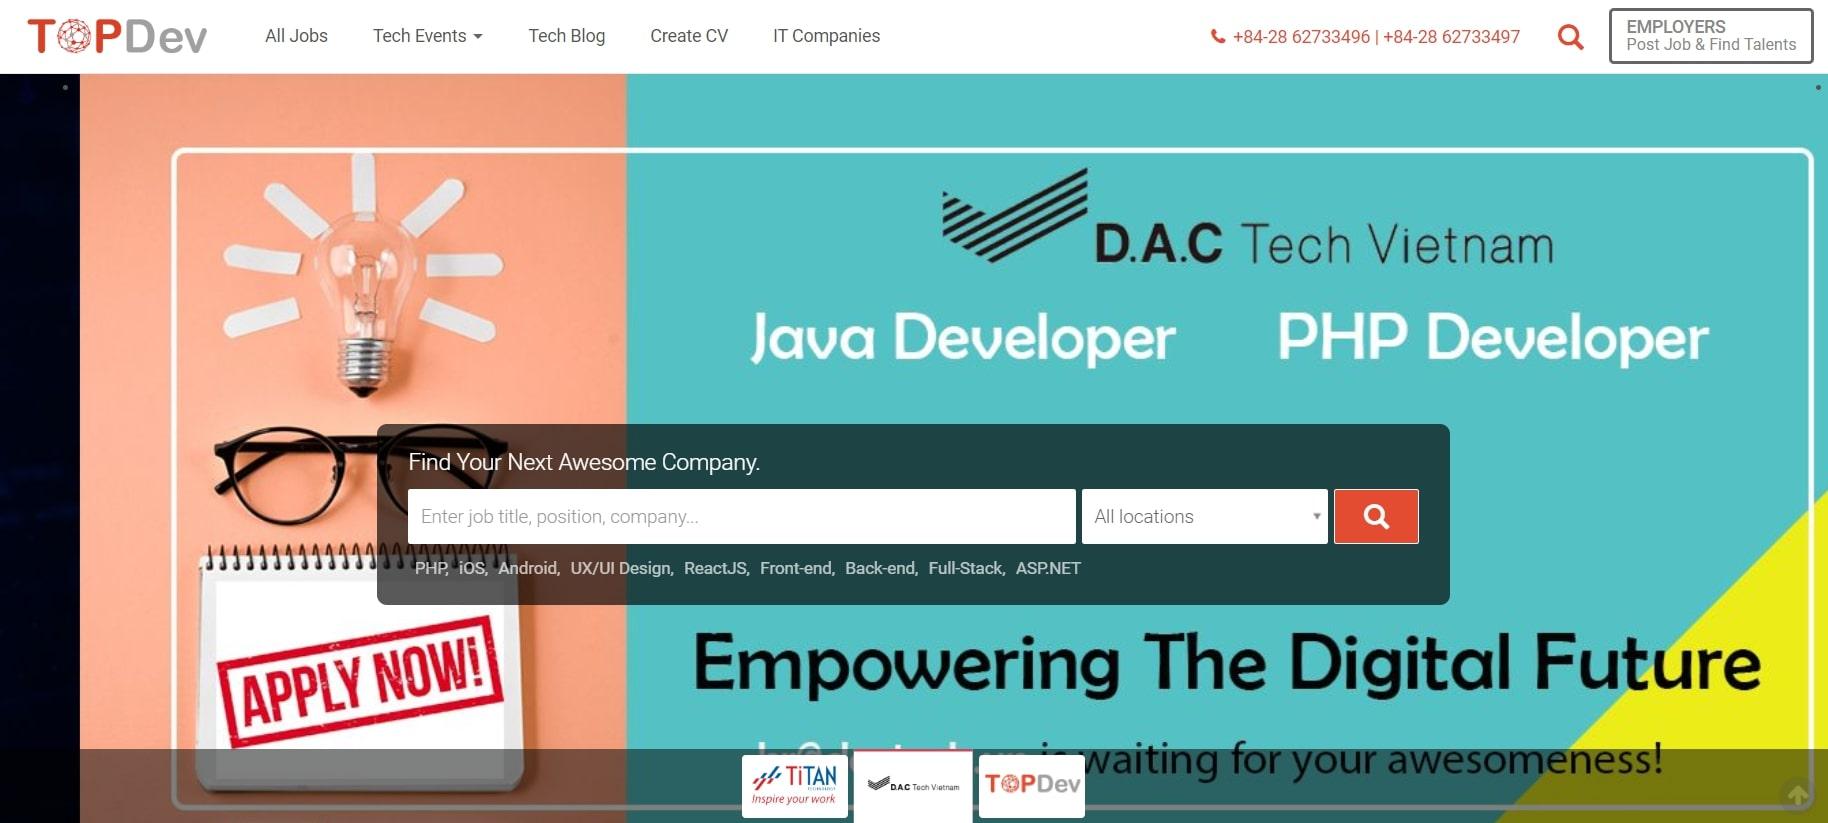 Topdev.vn trang web được dân công nghệ thông tin quan tâm